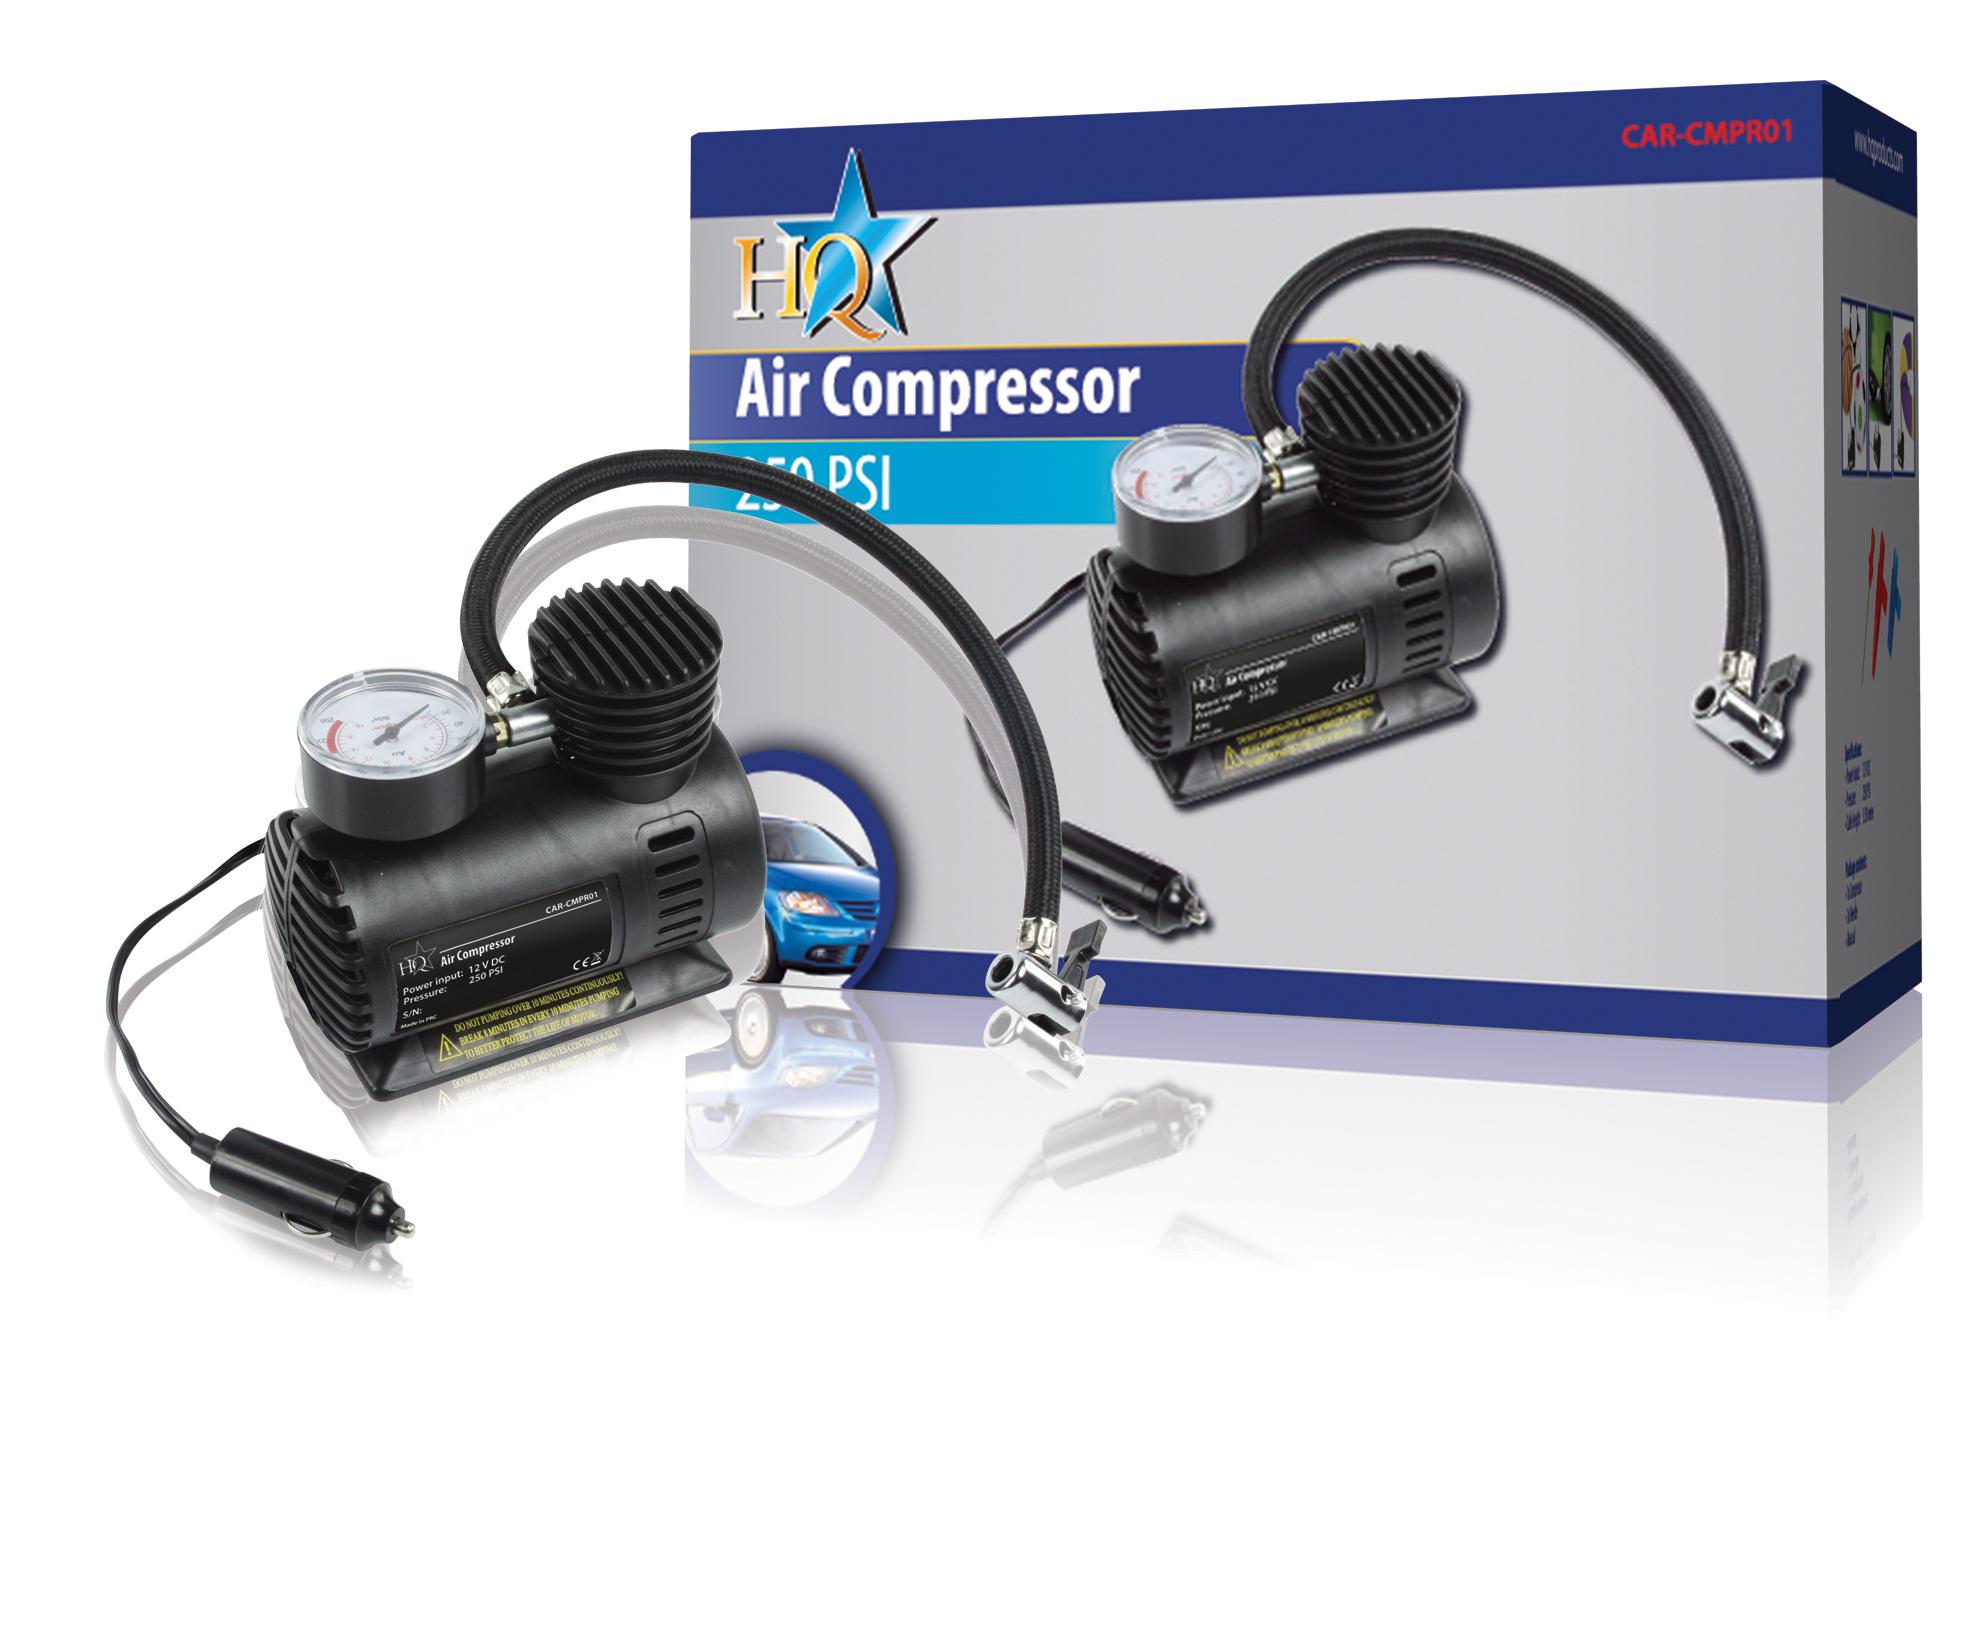 car cmpr01 hq compresseur 250 psi electronic. Black Bedroom Furniture Sets. Home Design Ideas